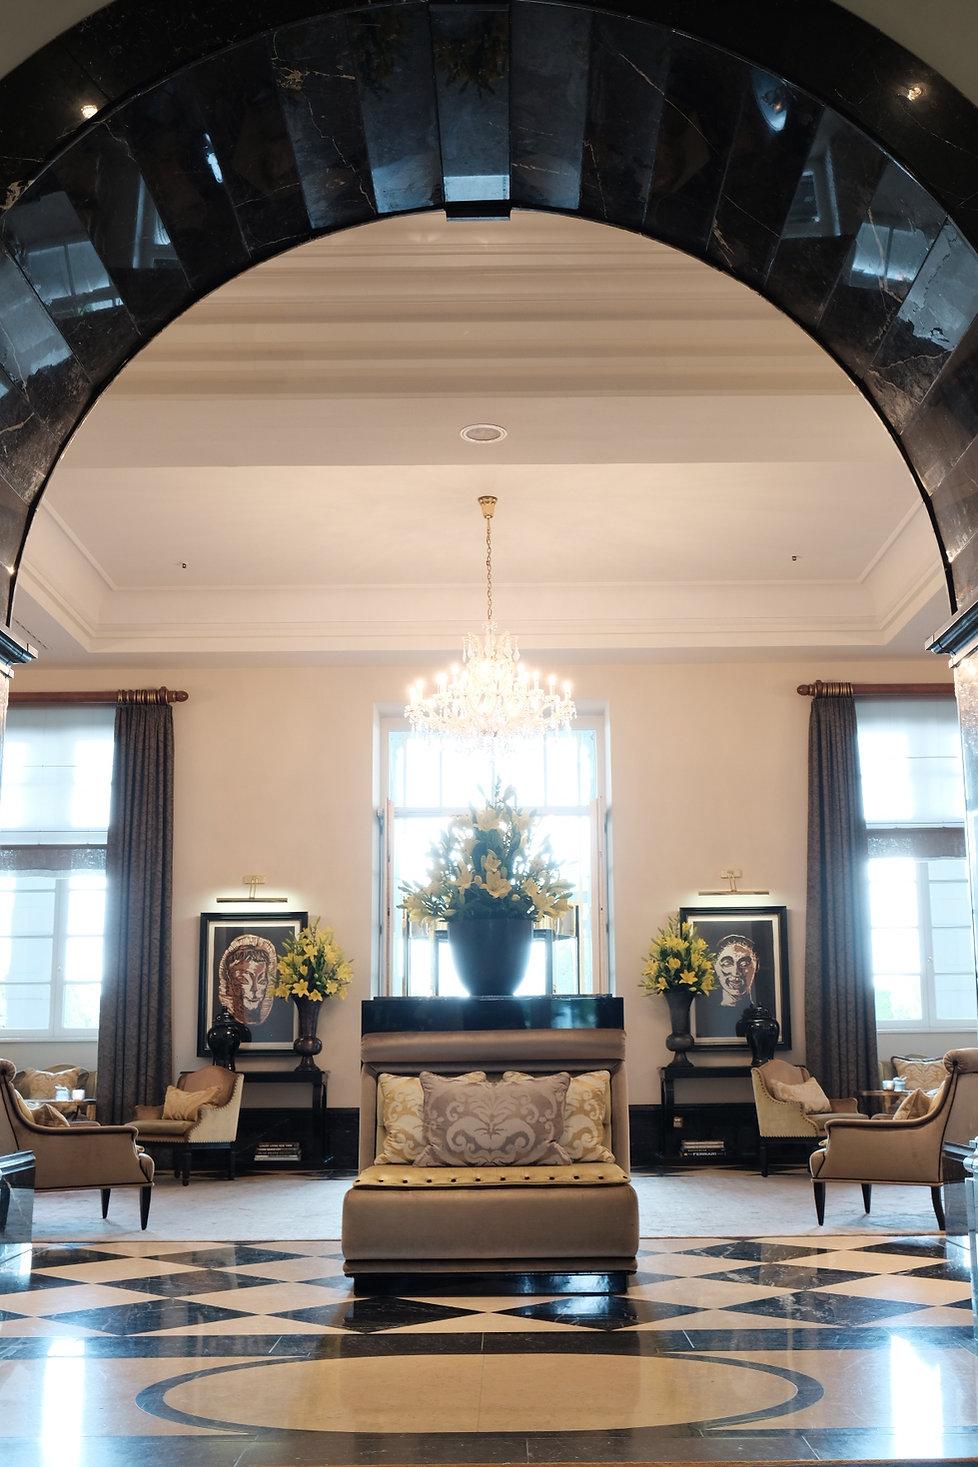 Blick in die Lobby des 5-Sterne Hotels Schloss Bensberg